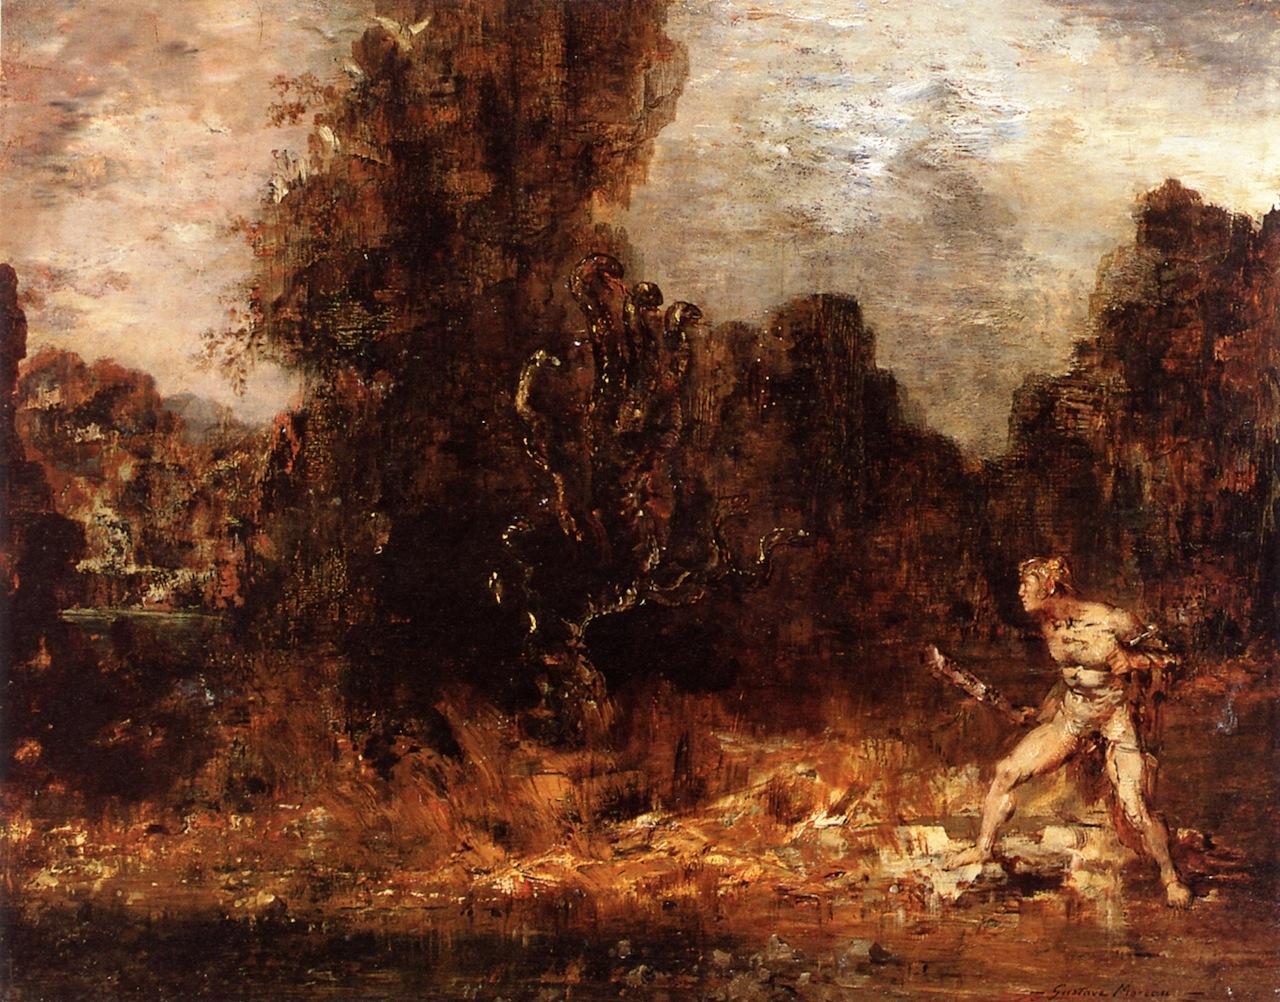 moreau hercules and the lernaean hydra